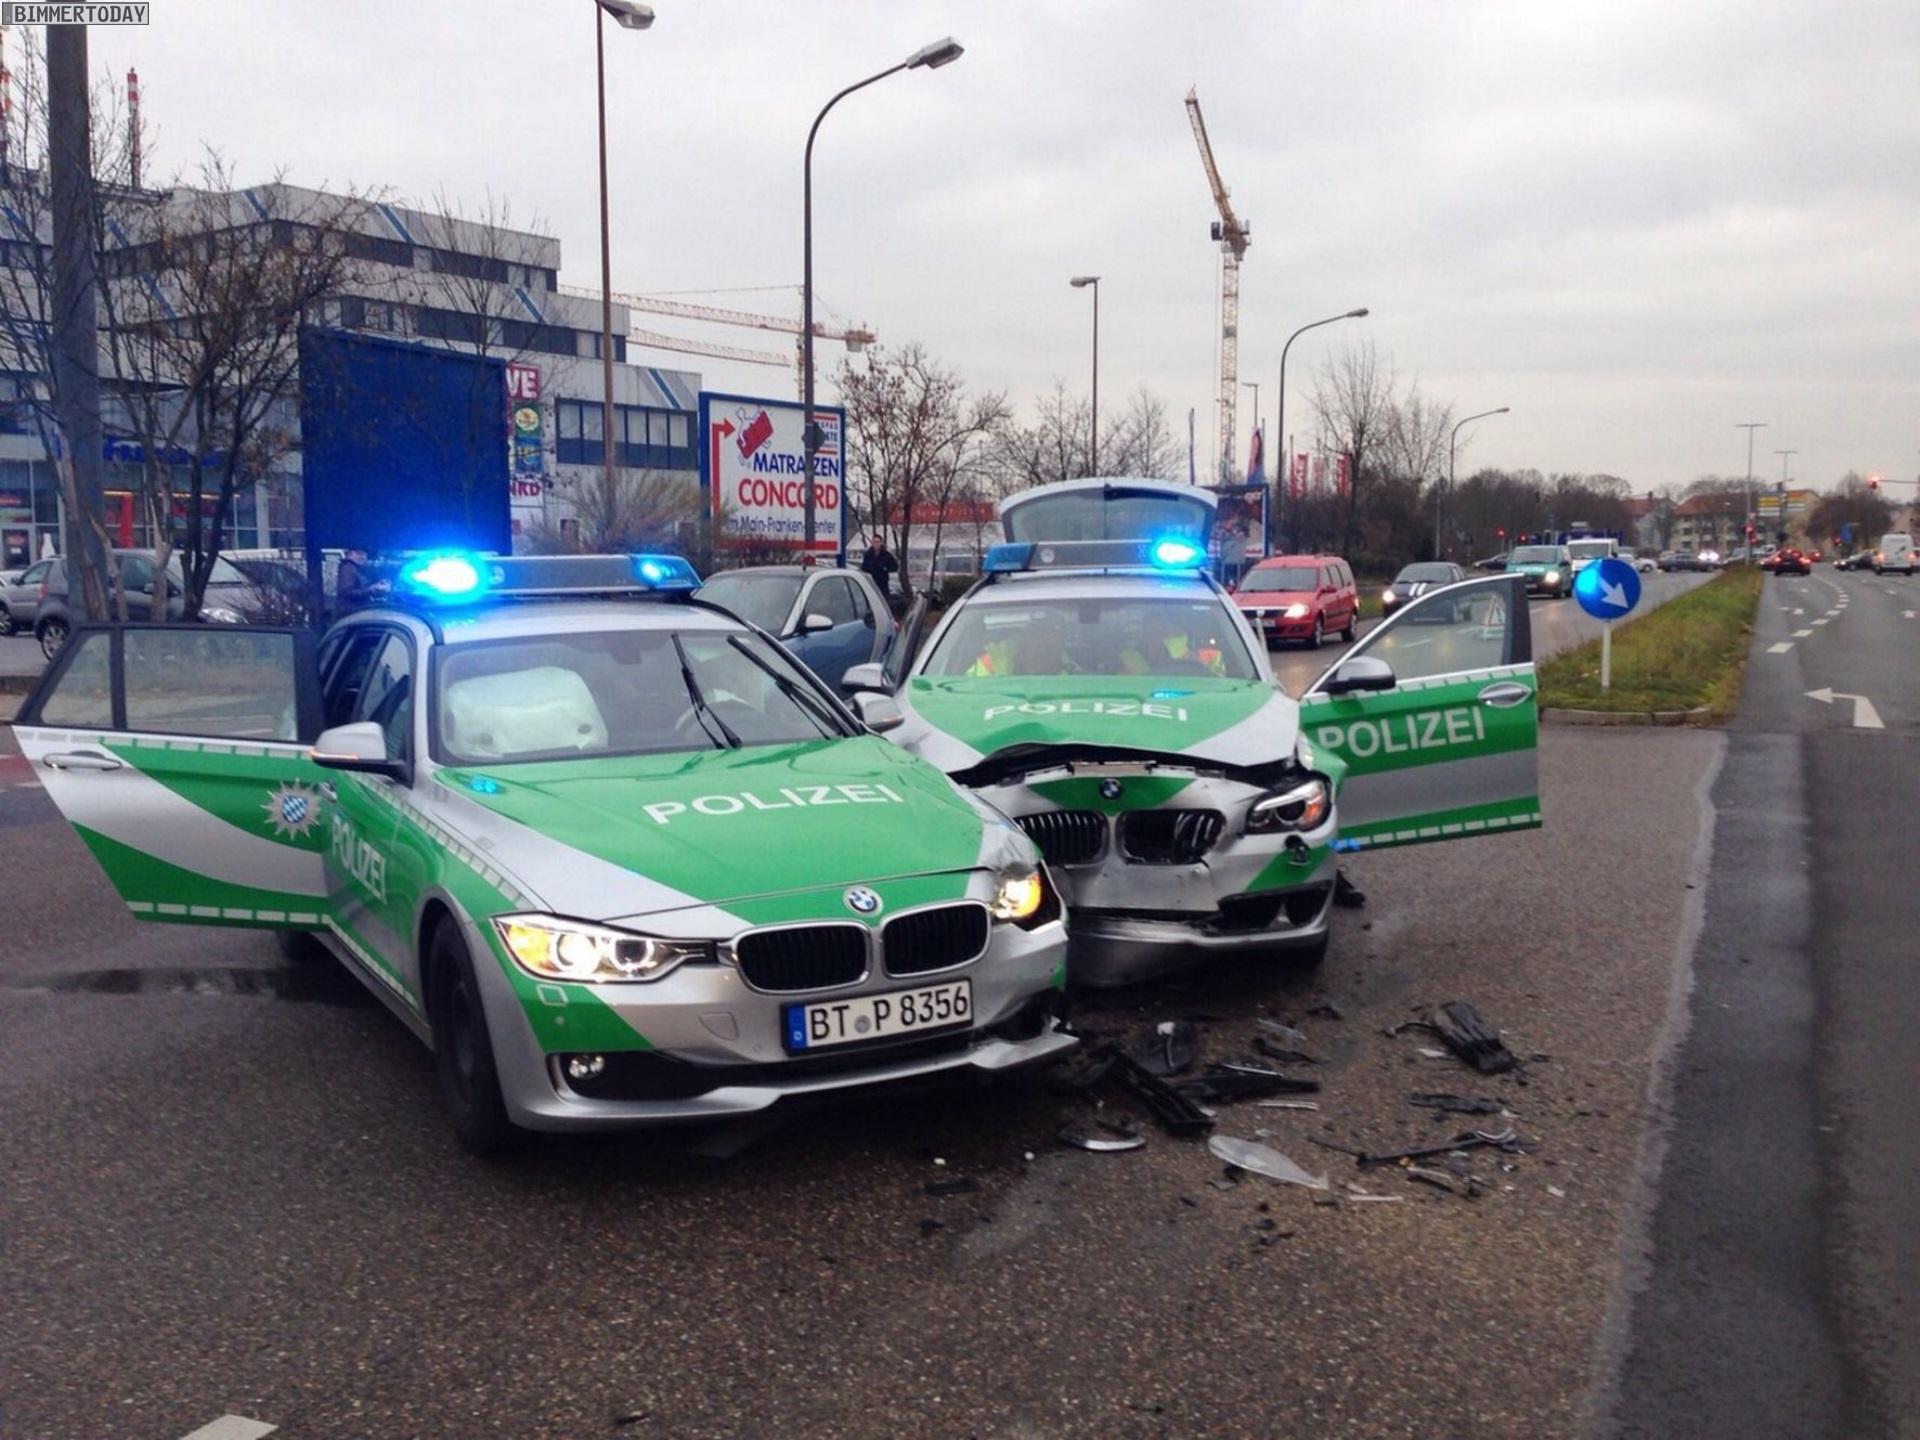 Dumm Gelaufen Treffen Sich Zwei Polizei Autos Im Einsatz